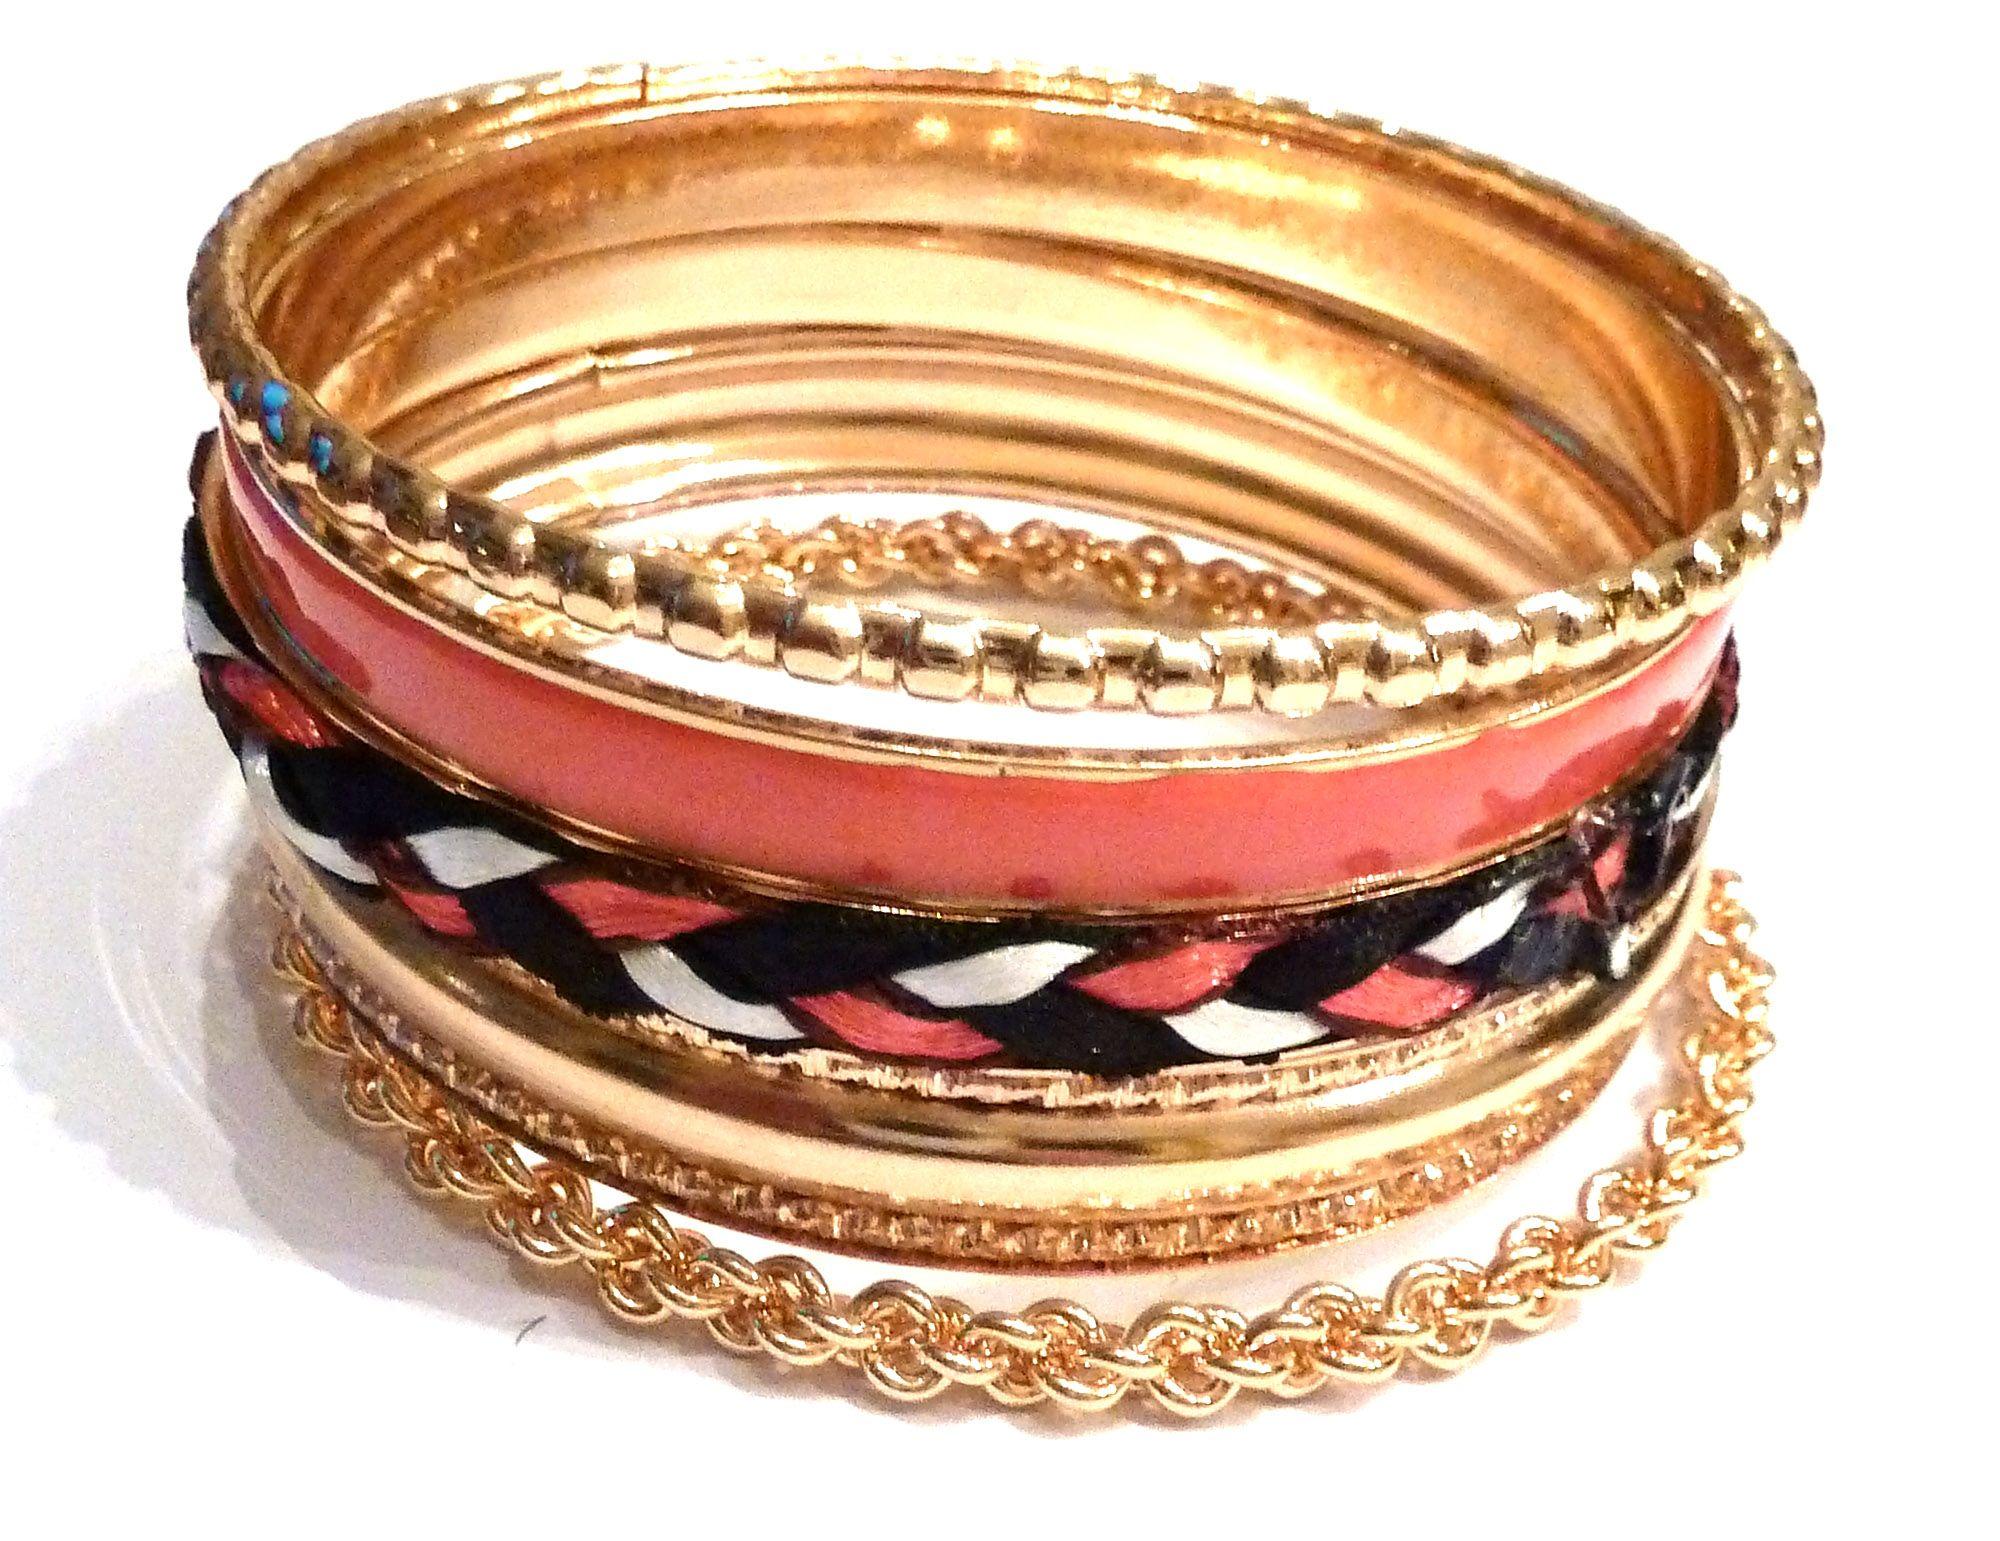 Prachtige set met 7 armbanden in roze en goudkleurige tinten (te koop op www.lauzz.nl)